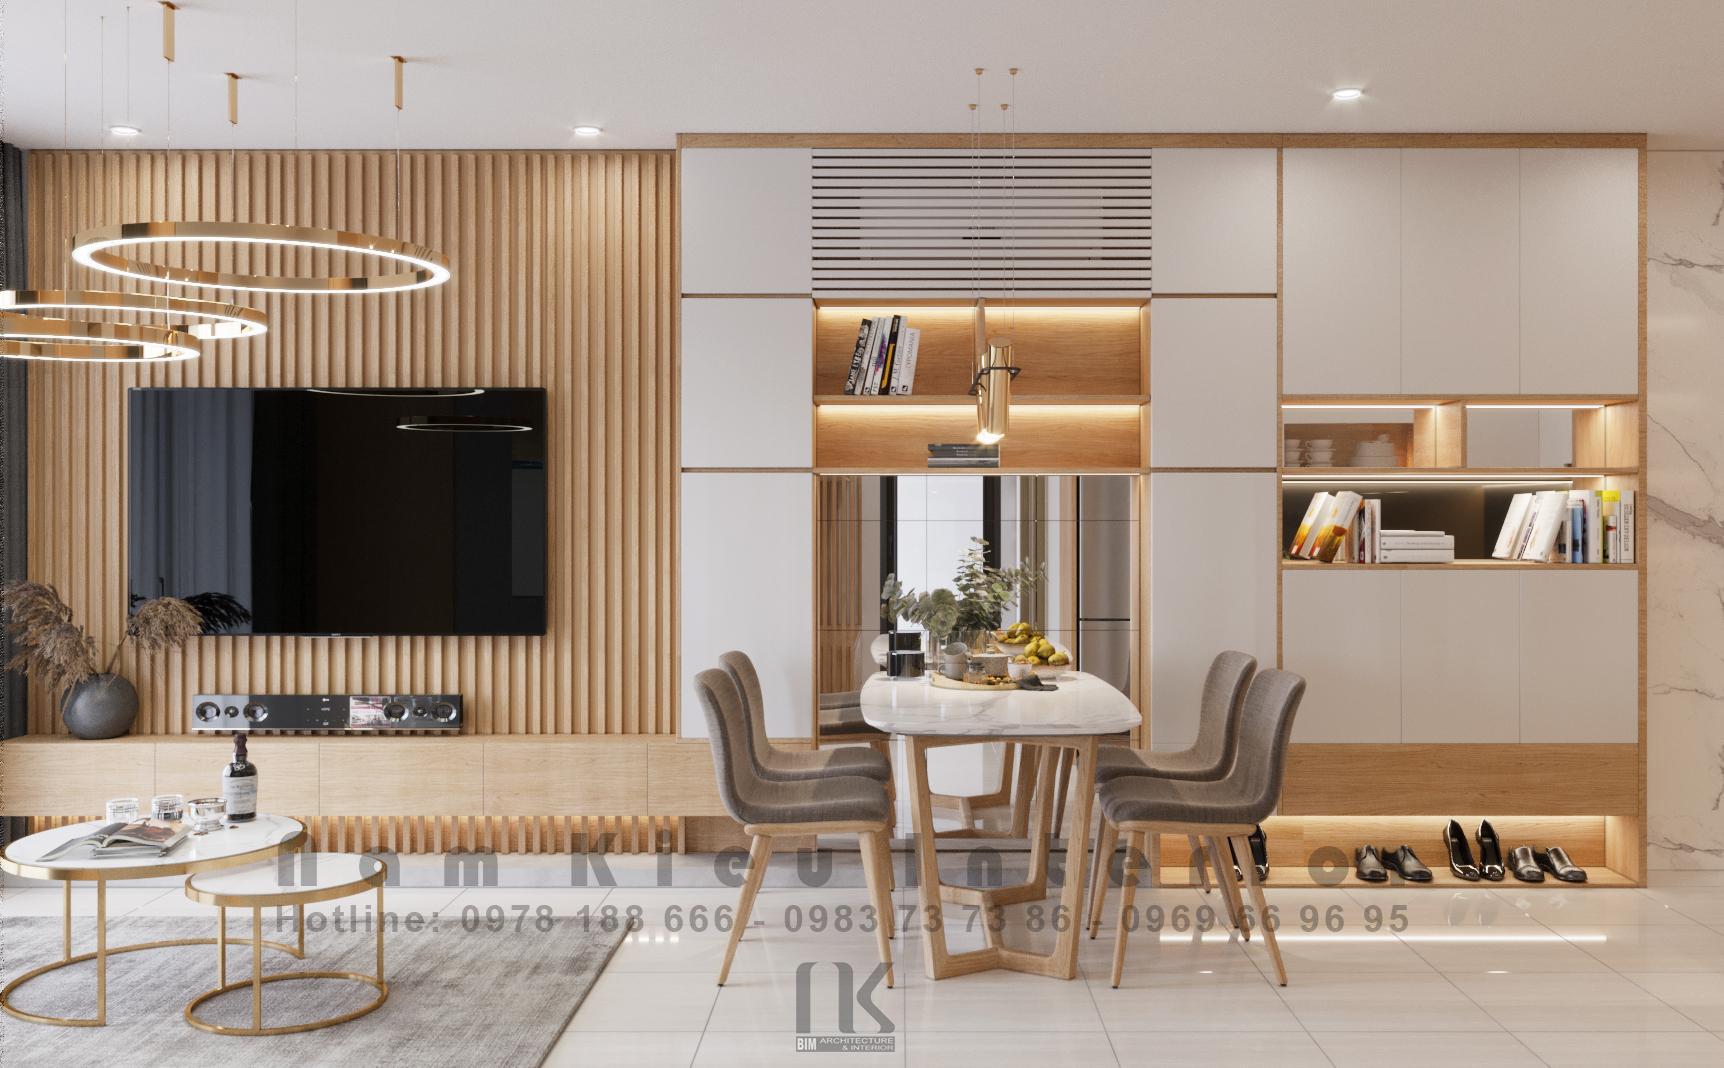 Thiết kế nội thất Chung Cư tại Hà Nội Căn hộ 2PN tại chung cư Vinhomes Smart City 1590635776 5